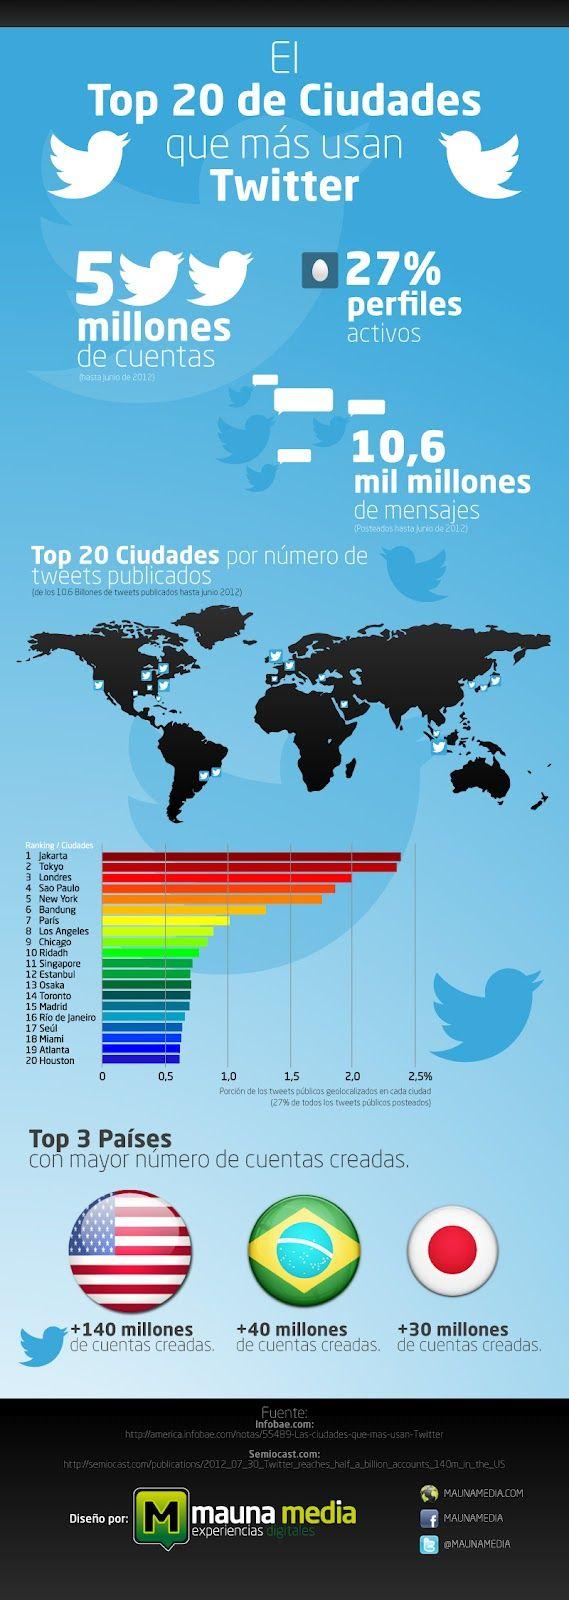 Las 20 ciudades que más usan Twitter #infografia